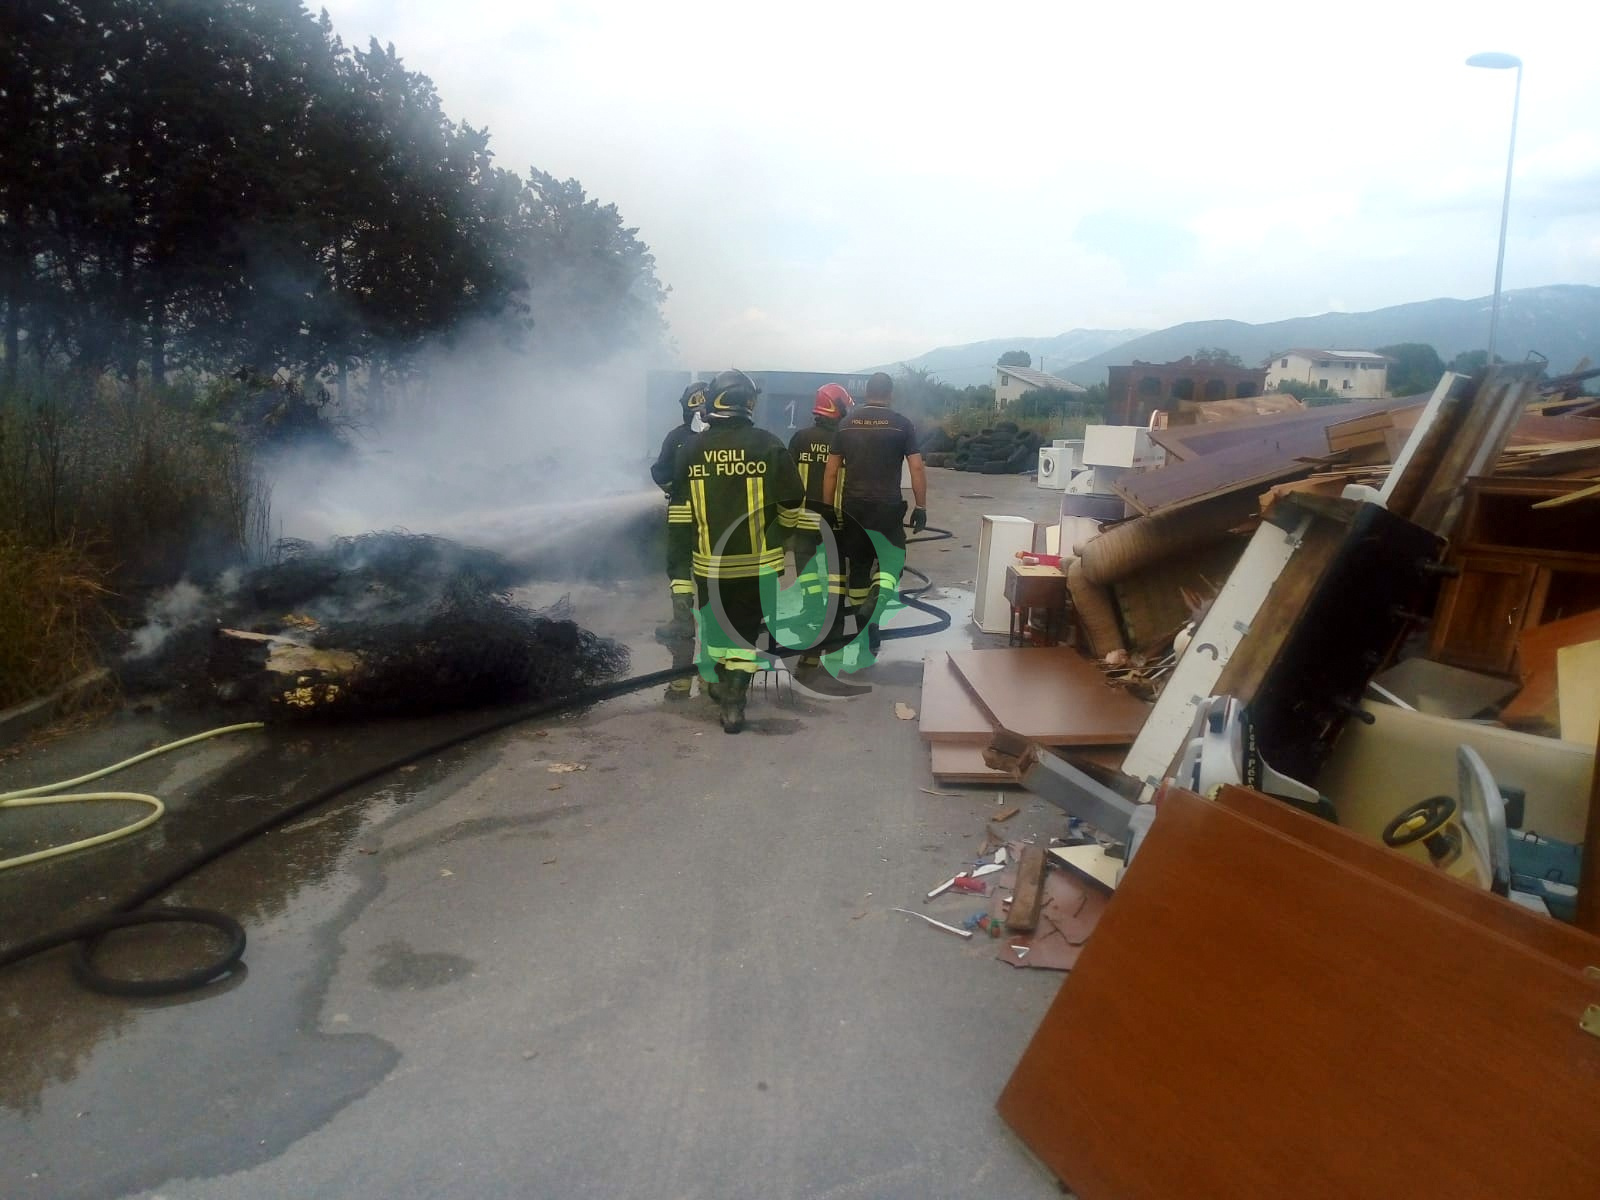 Incendio a Venafro, in fiamme un'isola ecologica